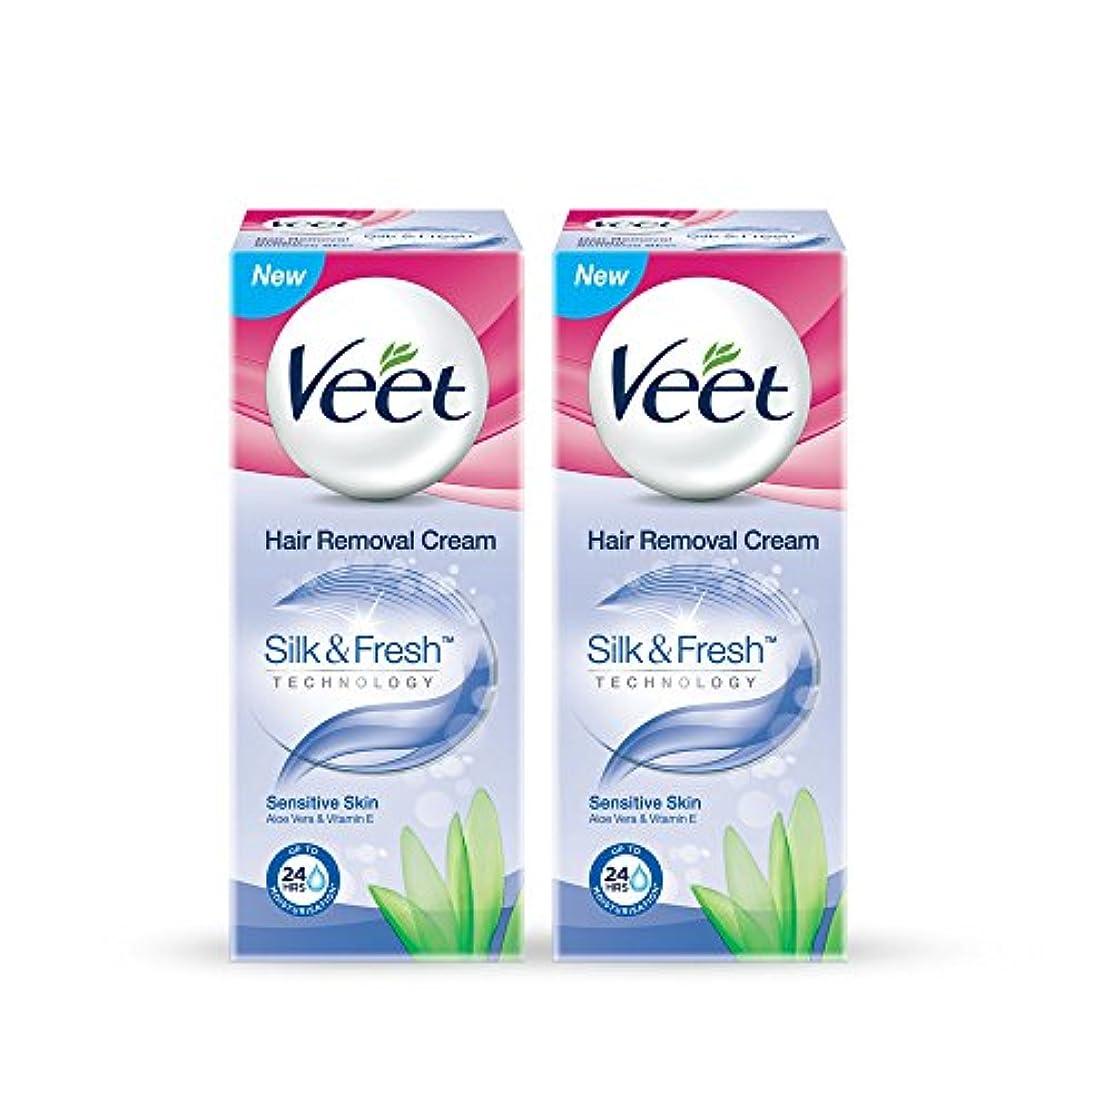 悲観的敬意モットーVeet Hair Removal Gel Cream For Sensitive Skin With Aloe Vera and Vitamin E 25 g (Pack of 2)